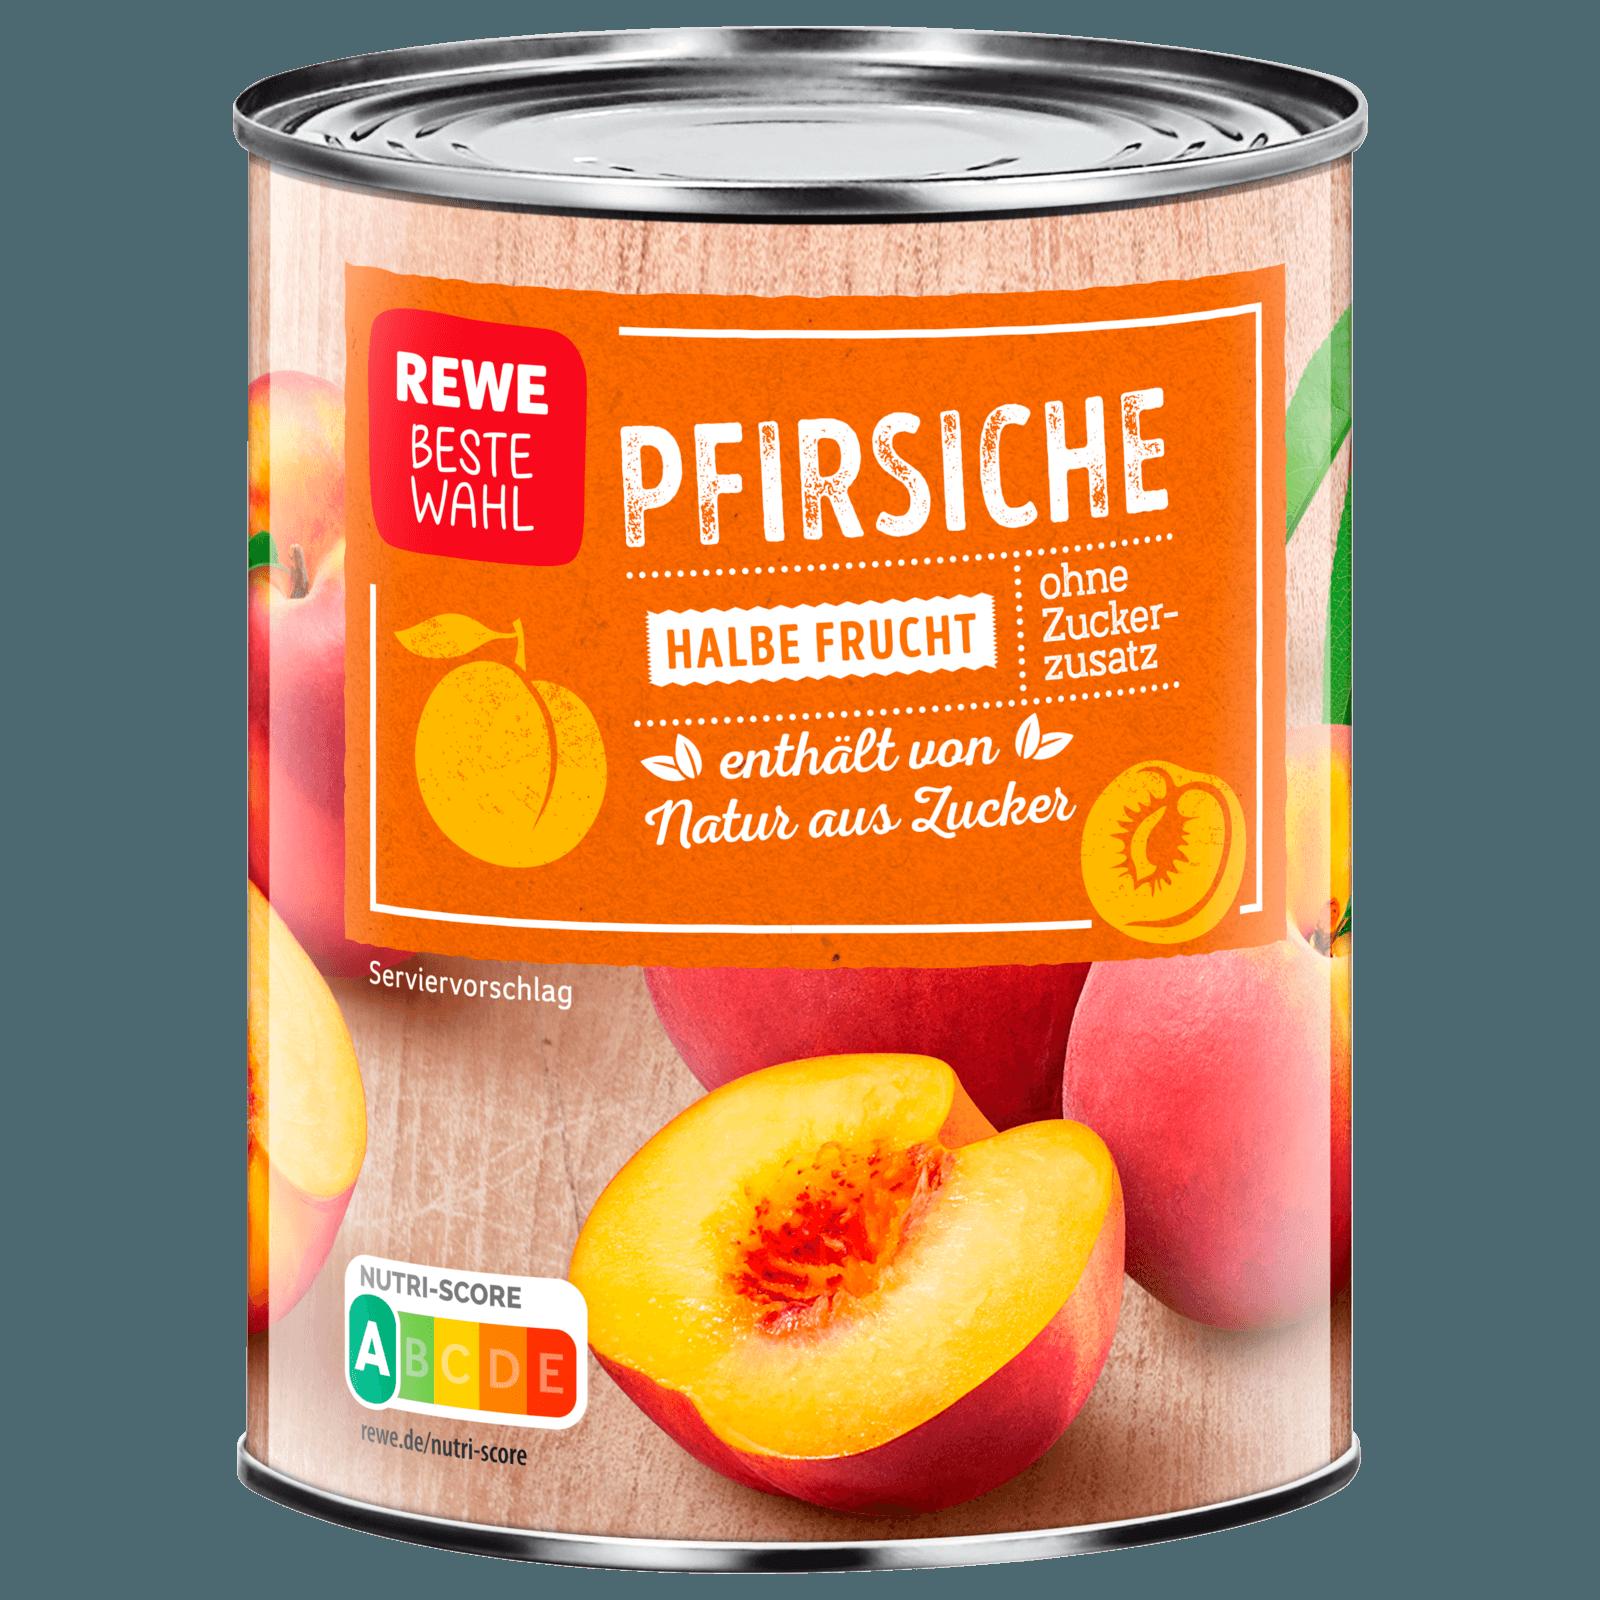 REWE Beste Wahl Pfirsiche Halbe Frucht 230ml